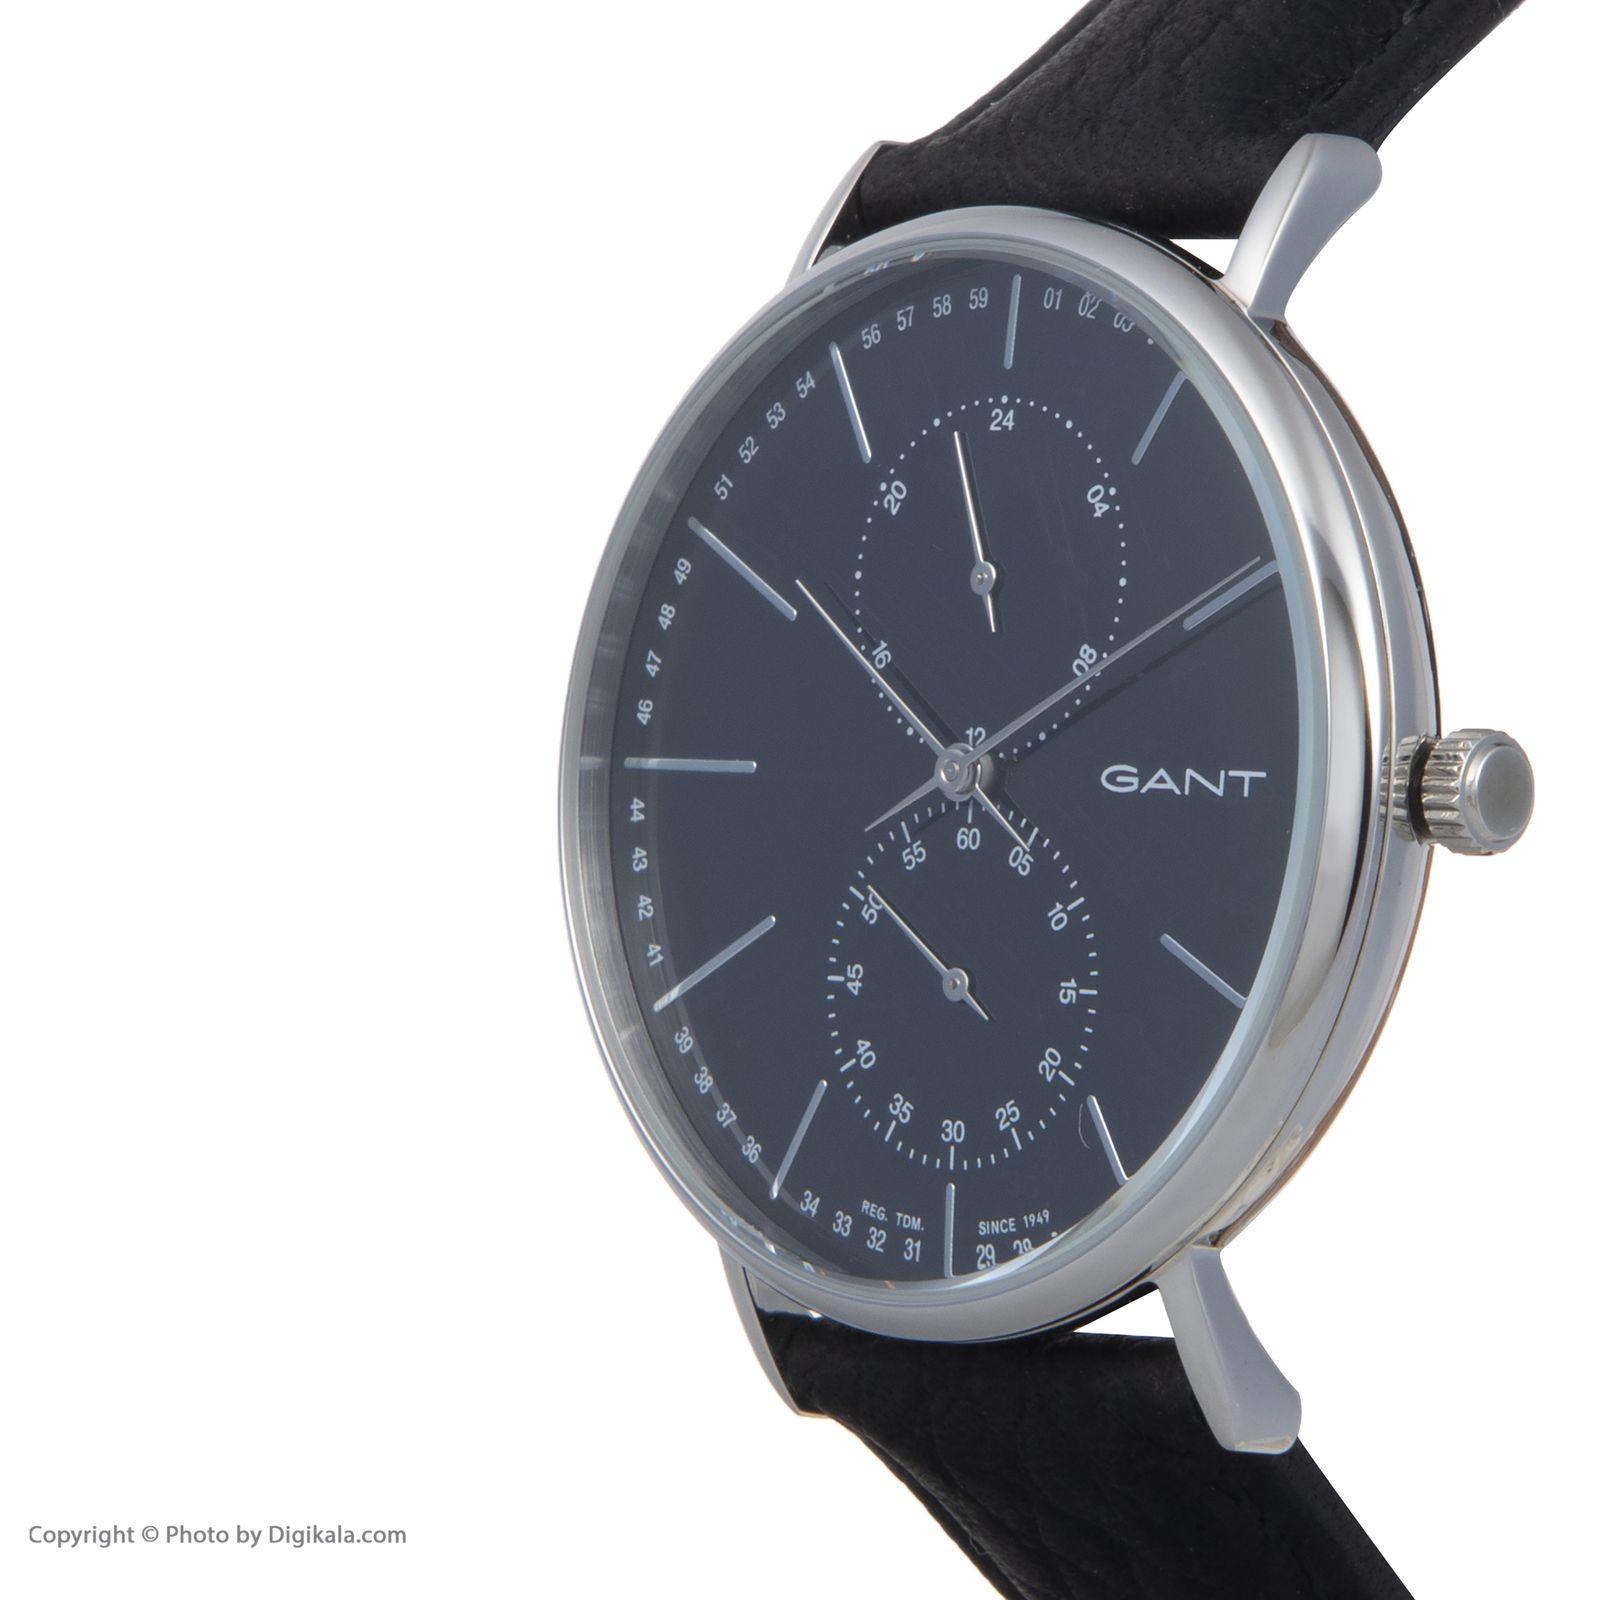 ساعت مچی عقربه ای مردانه گنت مدل GWW036001 -  - 5